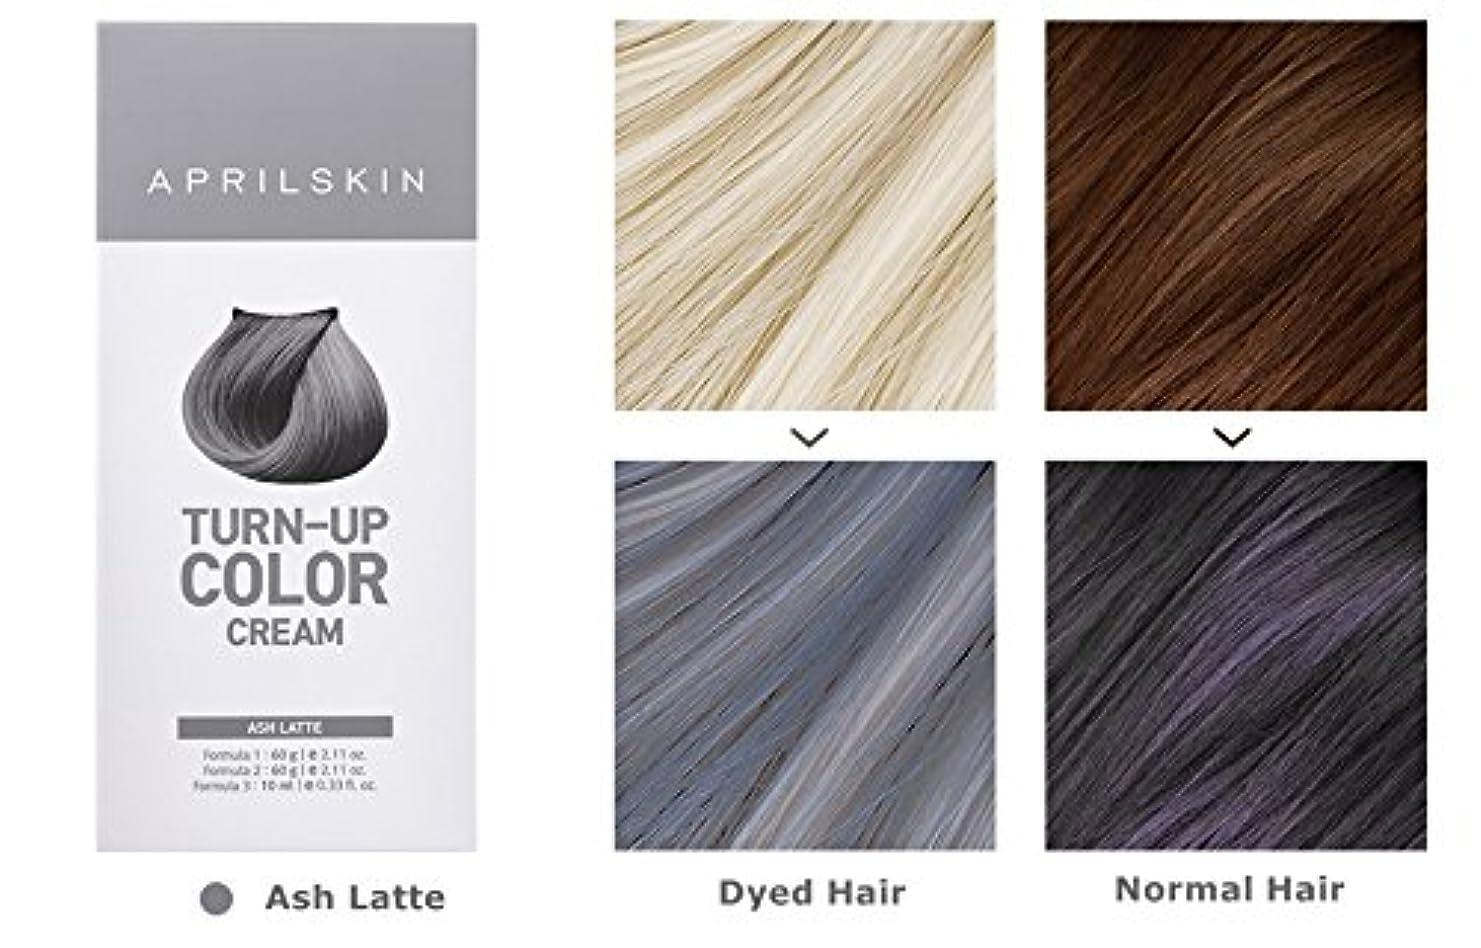 泥ハイランドメガロポリスApril Skin Turn Up Color Cream Long lasting Texture Type Hair Dye エイプリルスキン ターンアップカラークリーム長持ちテクスチャタイプヘアダイ (紅)